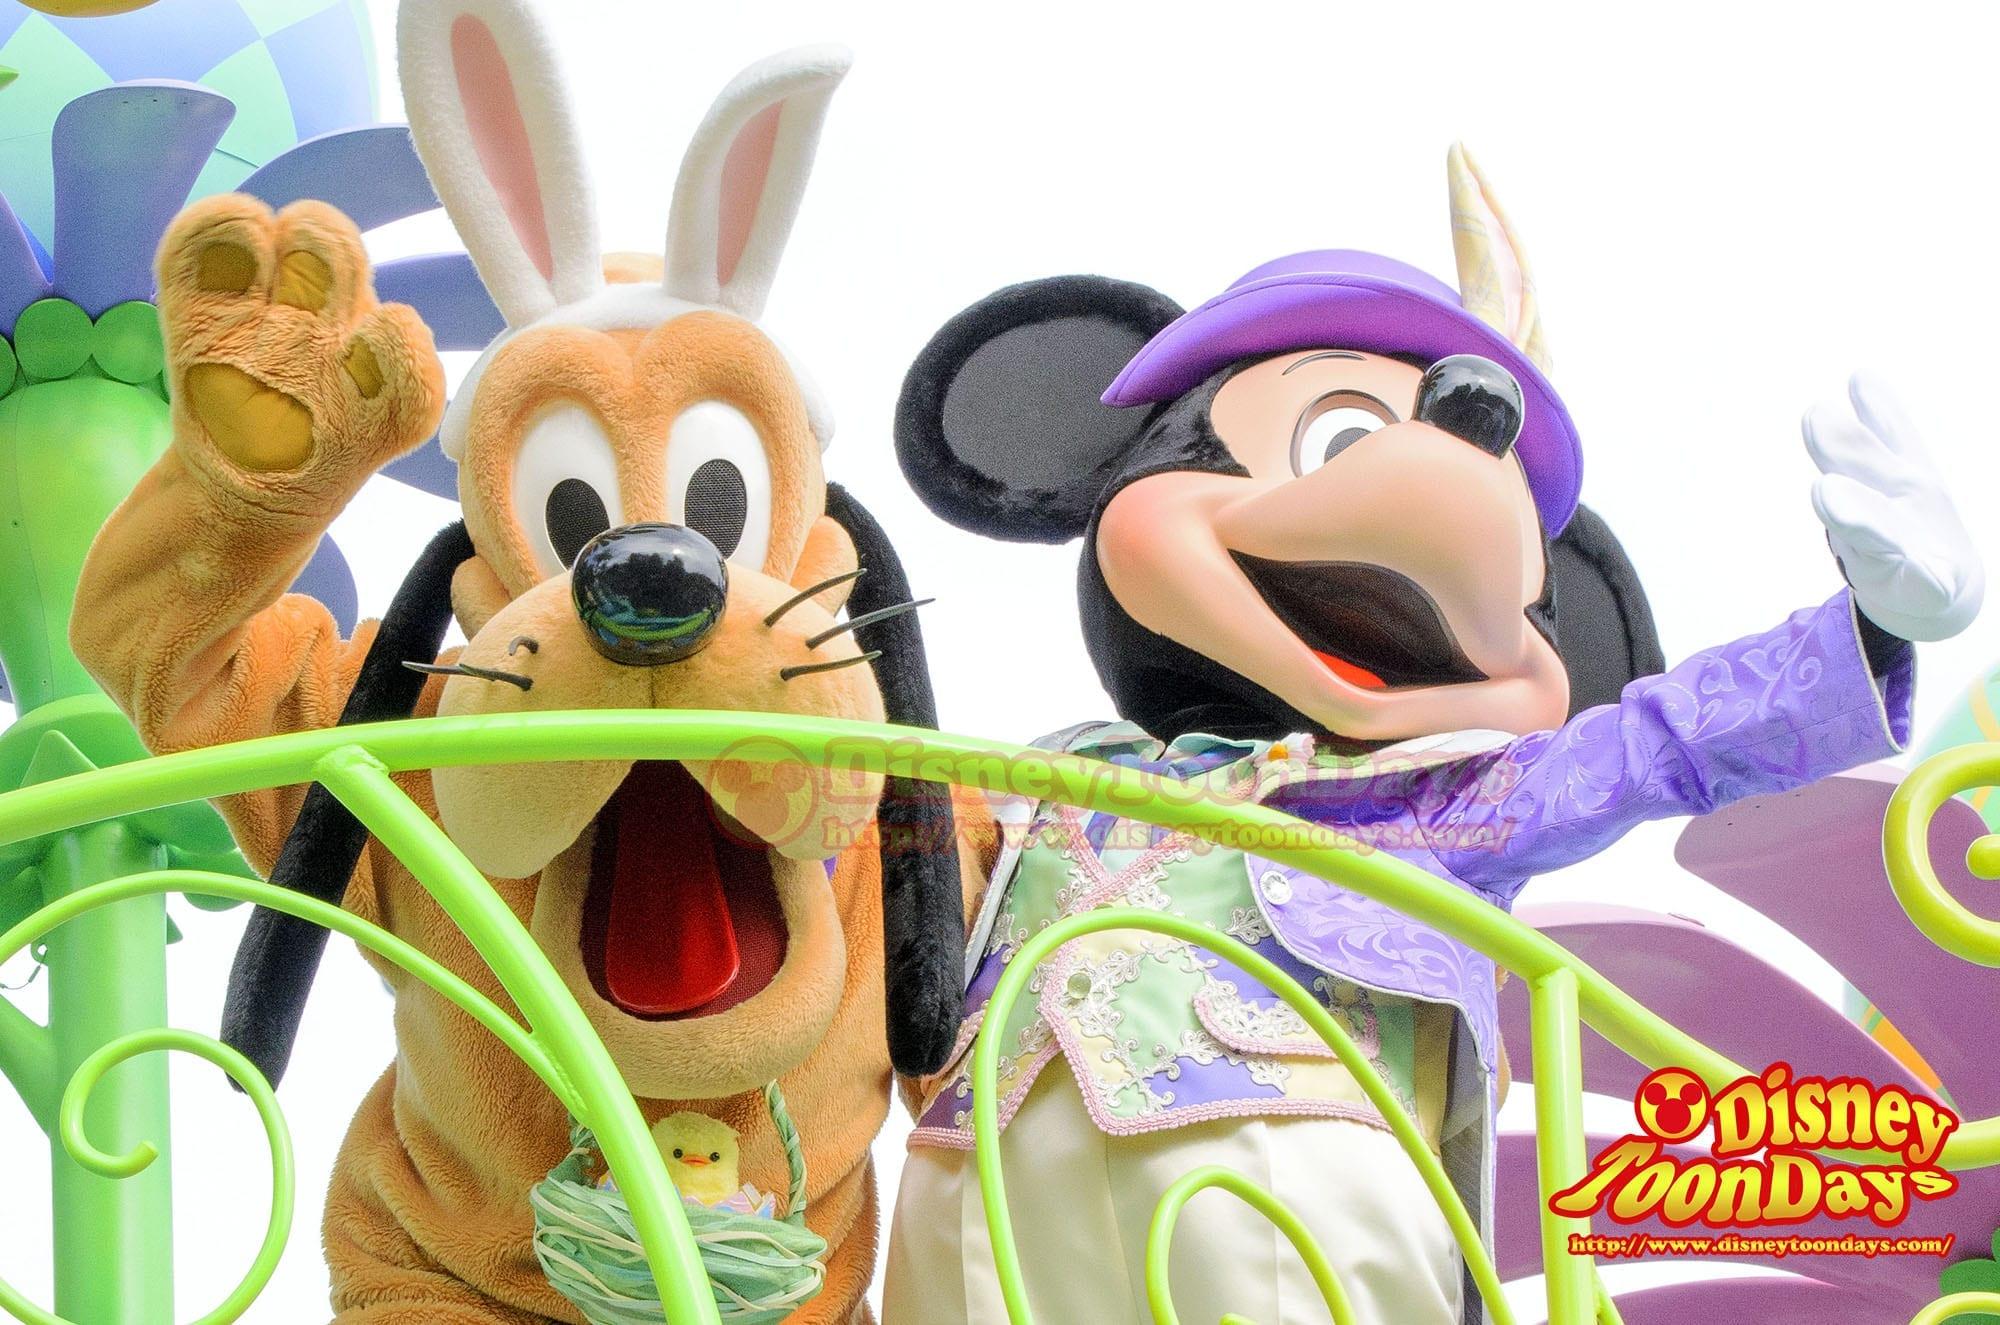 TDL ディズニー・イースター 2014 ヒッピティ・ホッピティ・スプリングタイム ミッキーマウス プルート